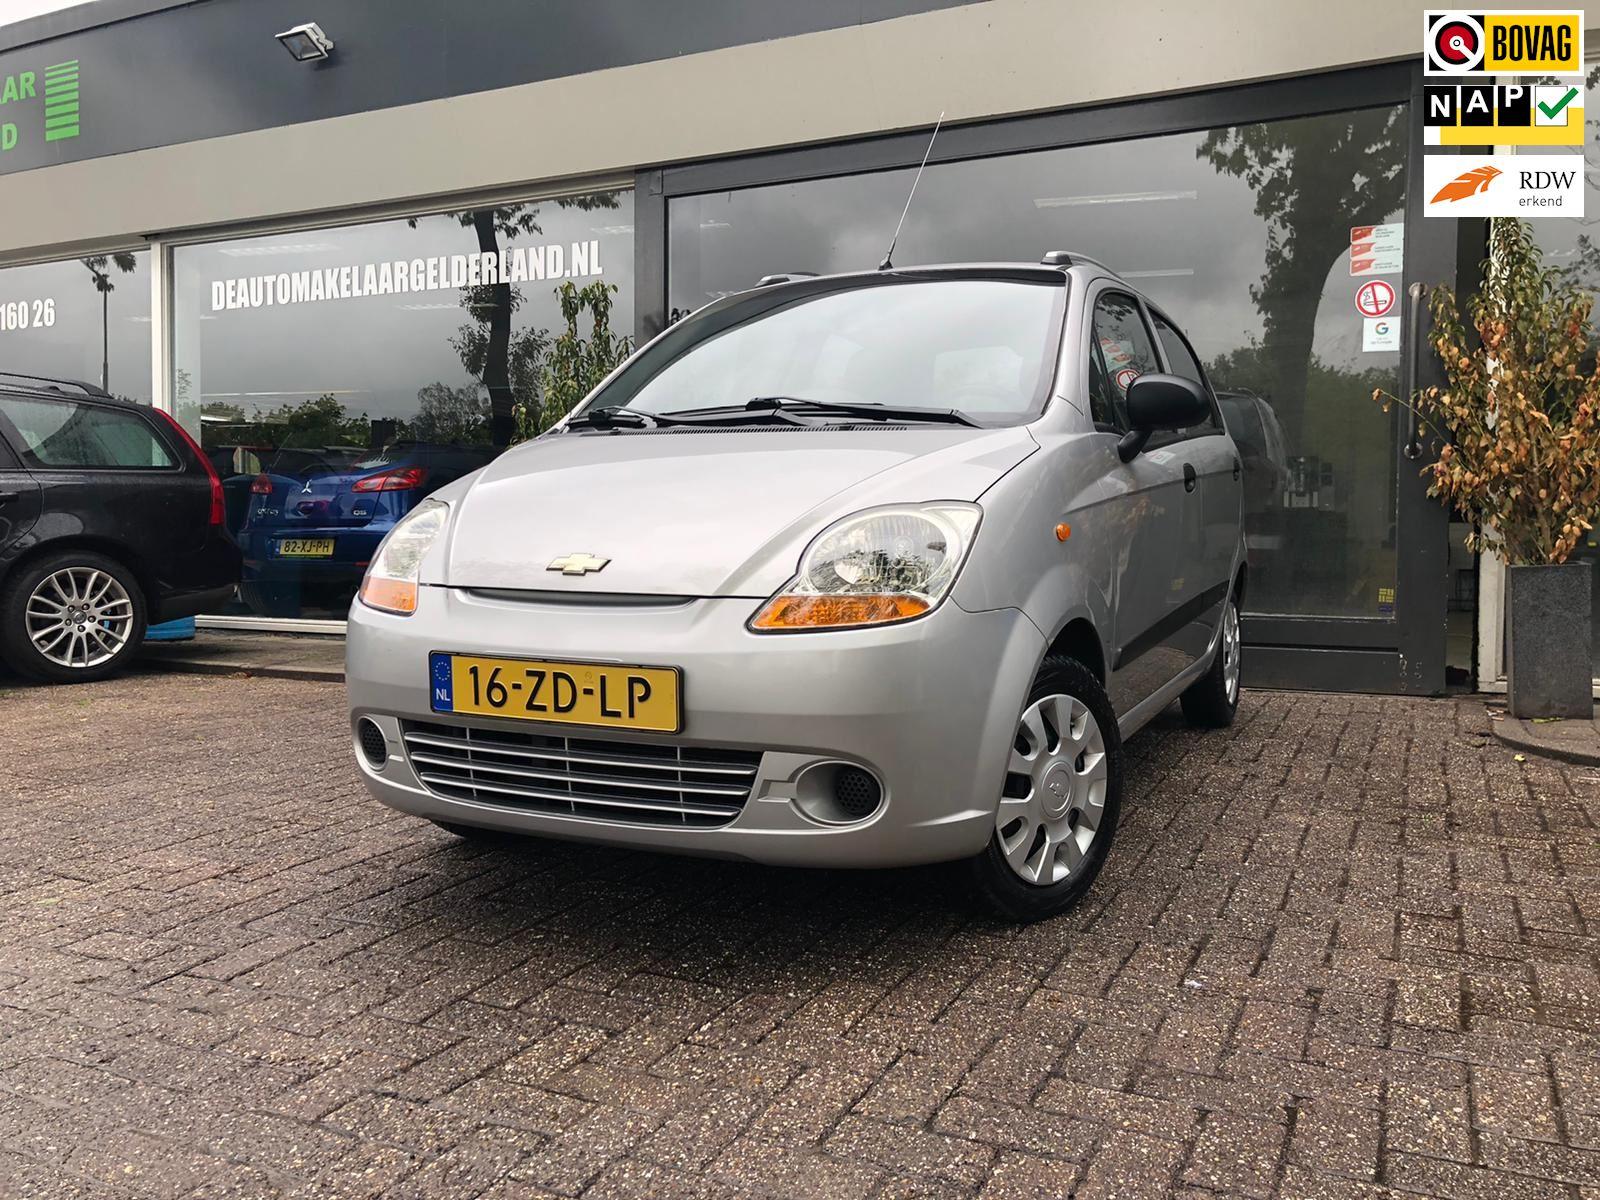 Chevrolet Matiz occasion - De Automakelaar Gelderland